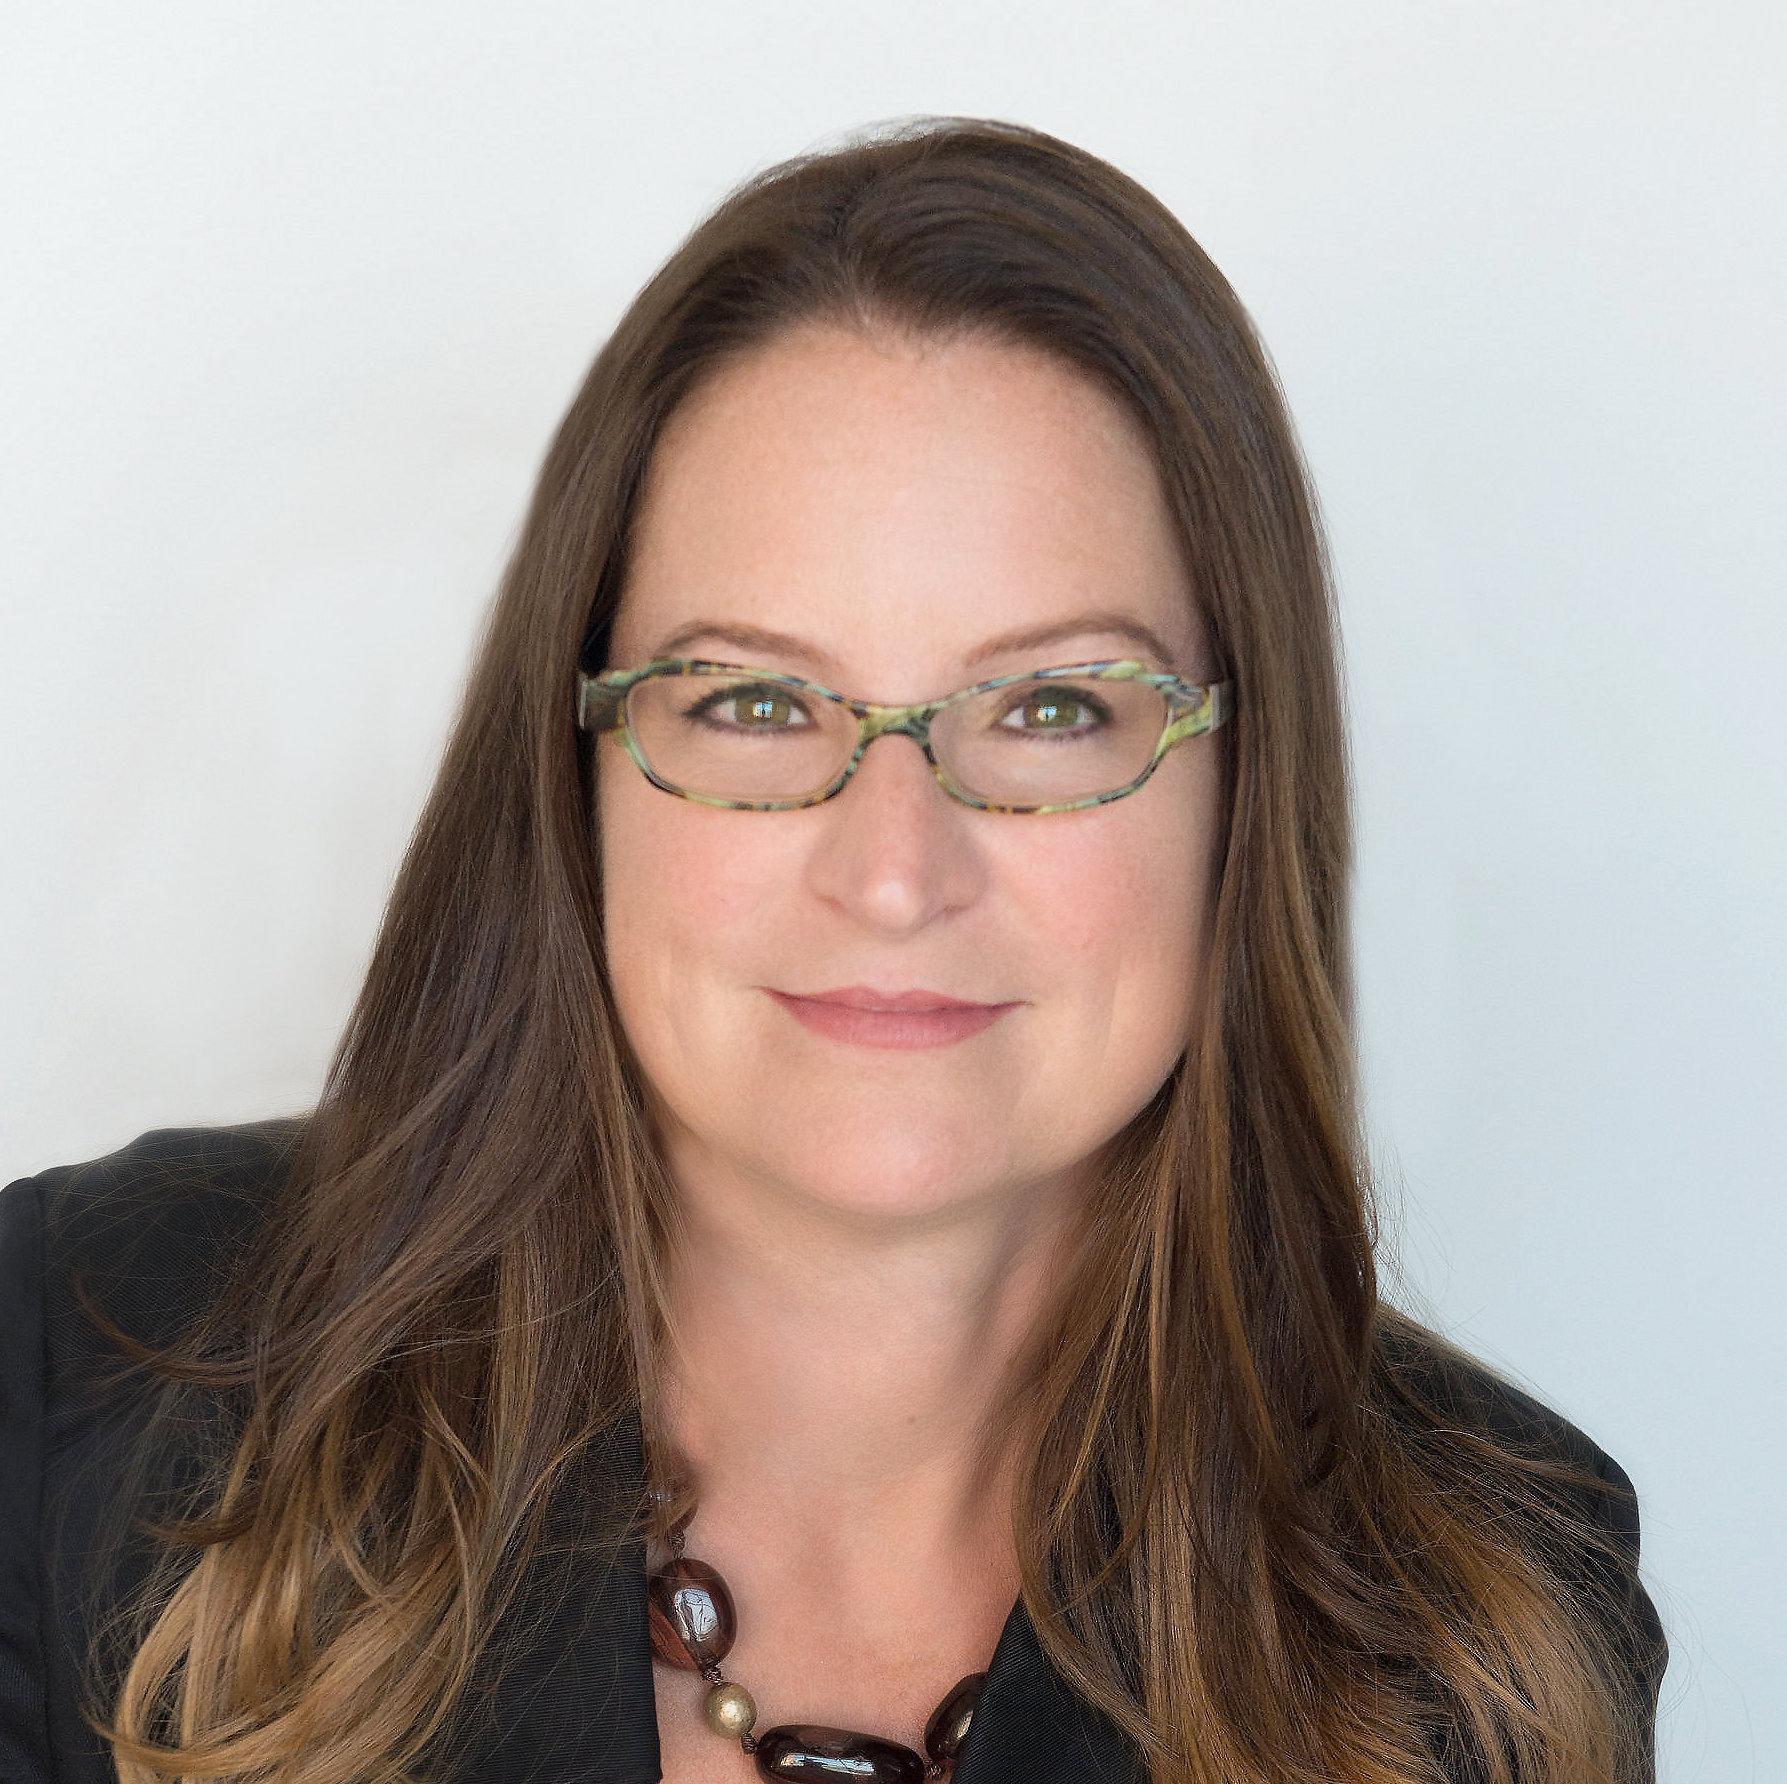 Jennifer Zoga